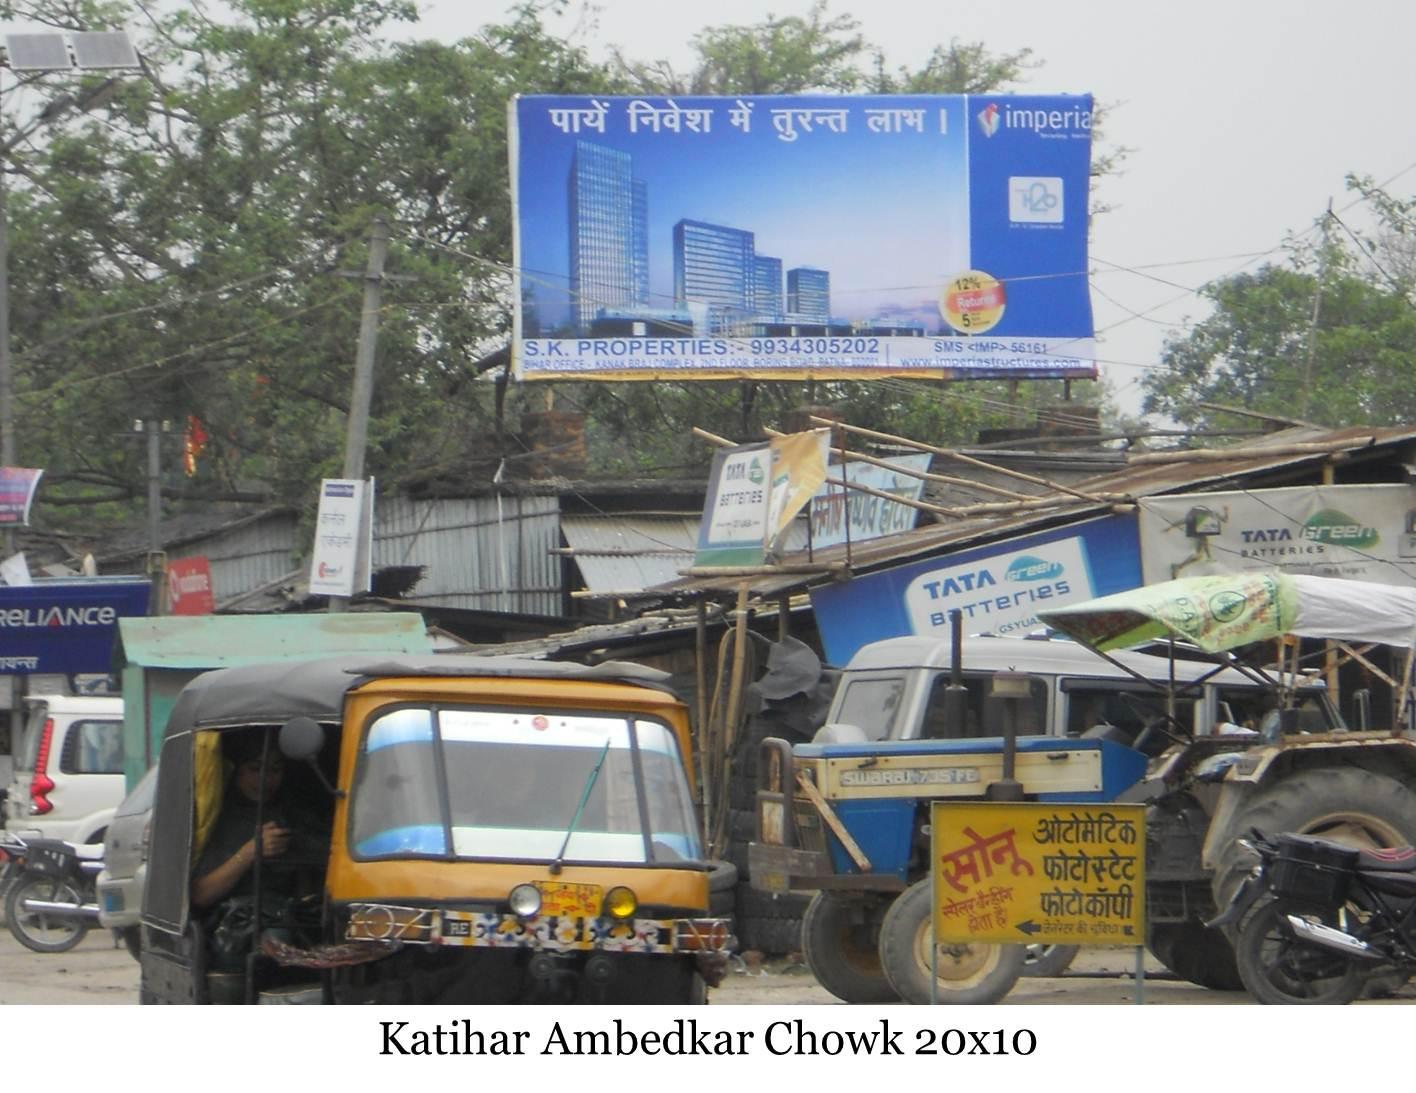 Ambedkar Chowk, Katihar